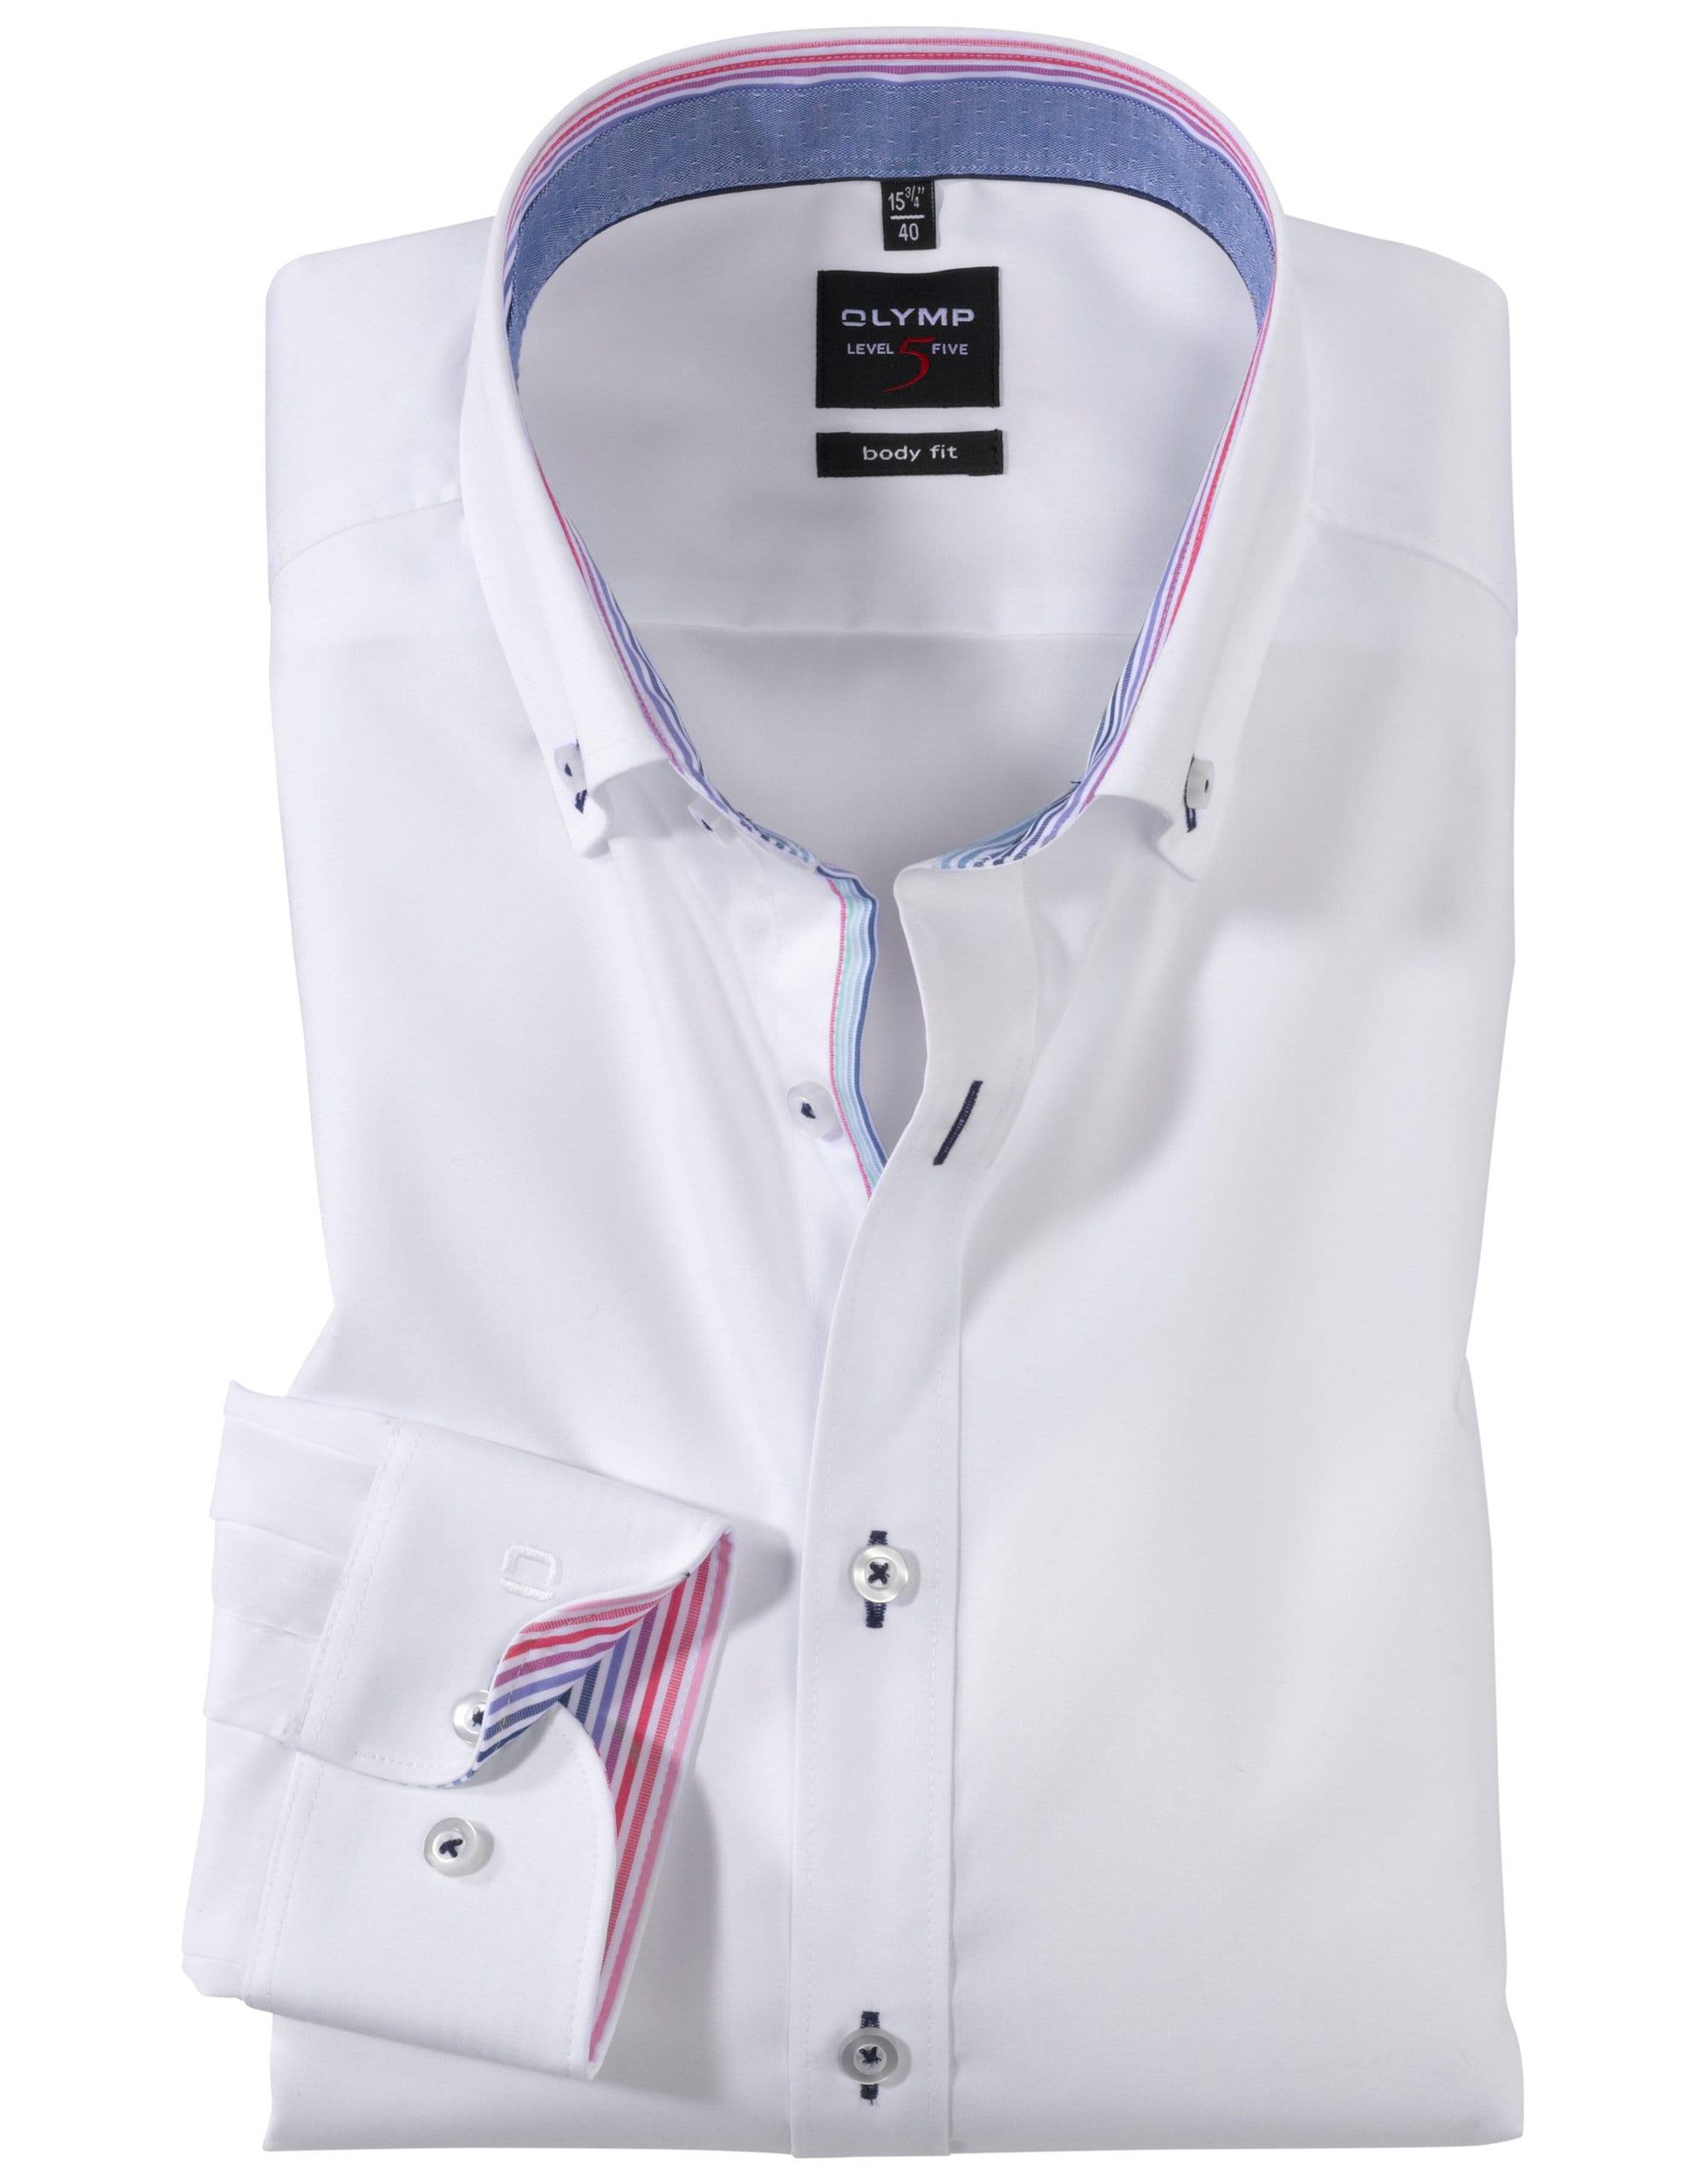 5ac8650566 OLYMP Level5 Body Fit Fehér Kék Ing - Elite Fashion Öltönyház